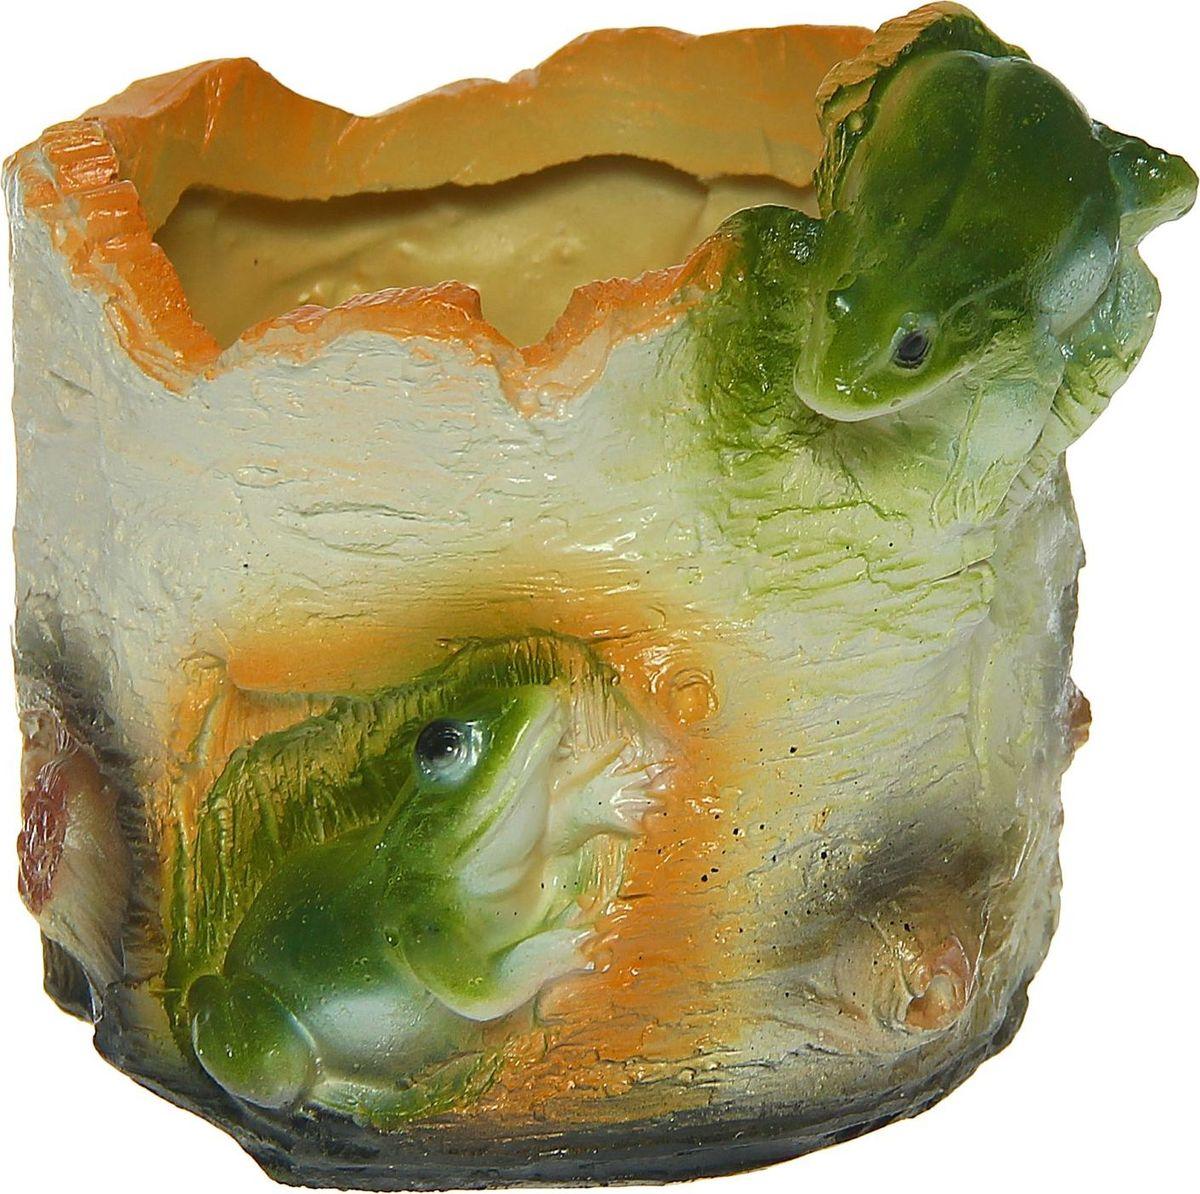 Кашпо Две лягушки в бересте, 15 х 15 х 14 см531-402Комнатные растения — всеобщие любимцы. Они радуют глаз, насыщают помещение кислородом и украшают пространство. Каждому из растений необходим свой удобный и красивый дом. Поселите зелёного питомца в яркое и оригинальное фигурное кашпо. Выберите подходящую форму для детской, спальни, гостиной, балкона, офиса или террасы. #name# позаботится о растении, украсит окружающее пространство и подчеркнёт его оригинальный стиль.